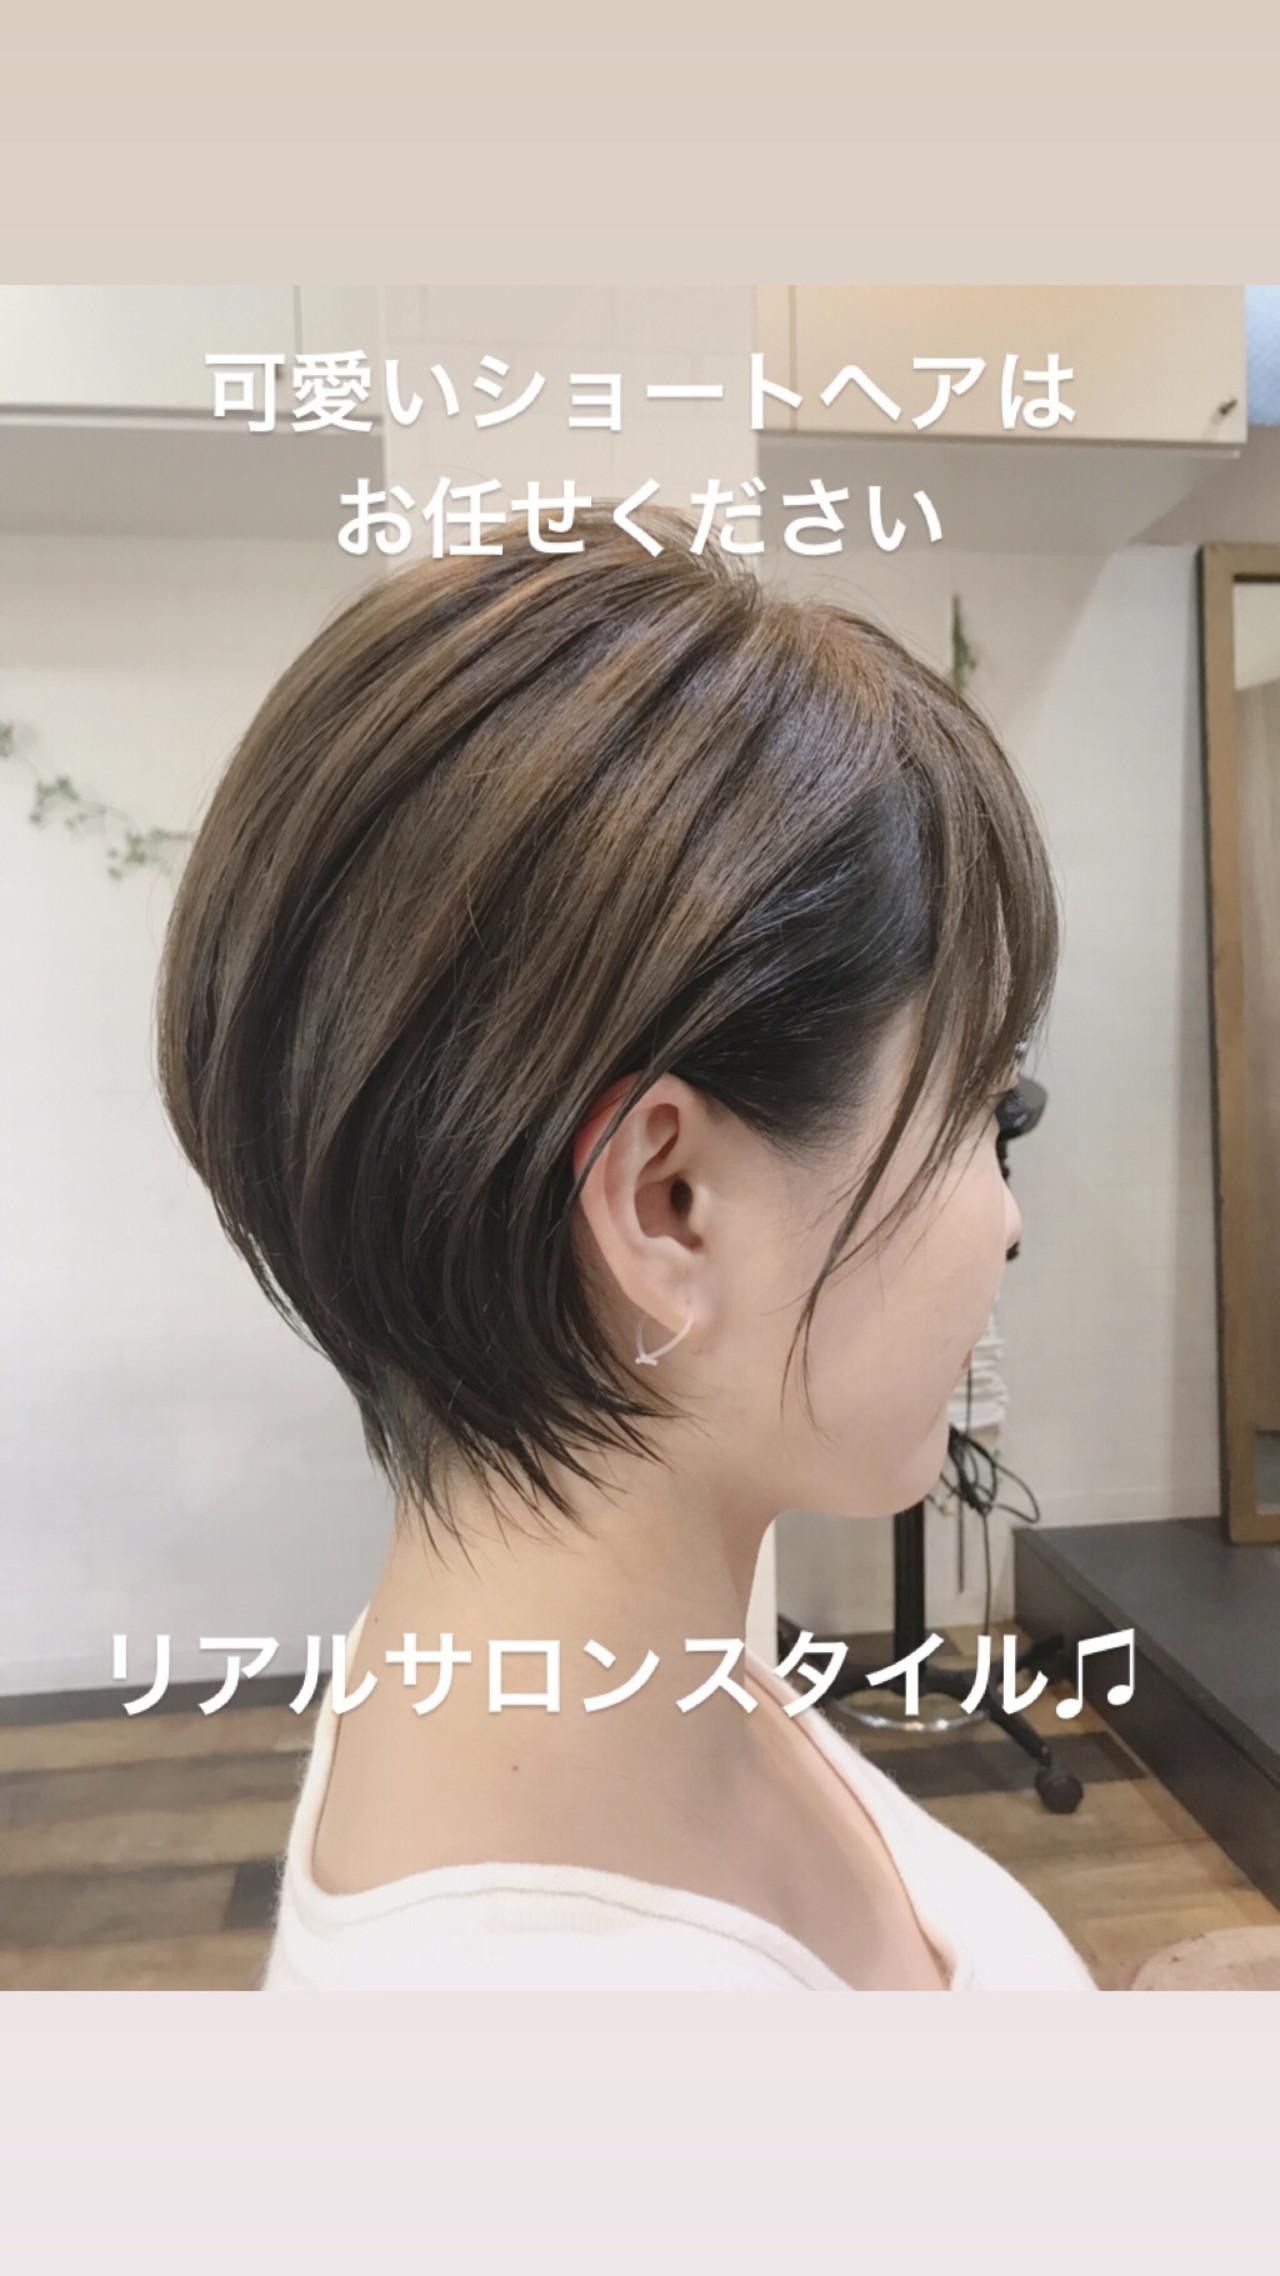 丸みショート ショート ナチュラル リアルサロン ヘアスタイルや髪型の写真・画像